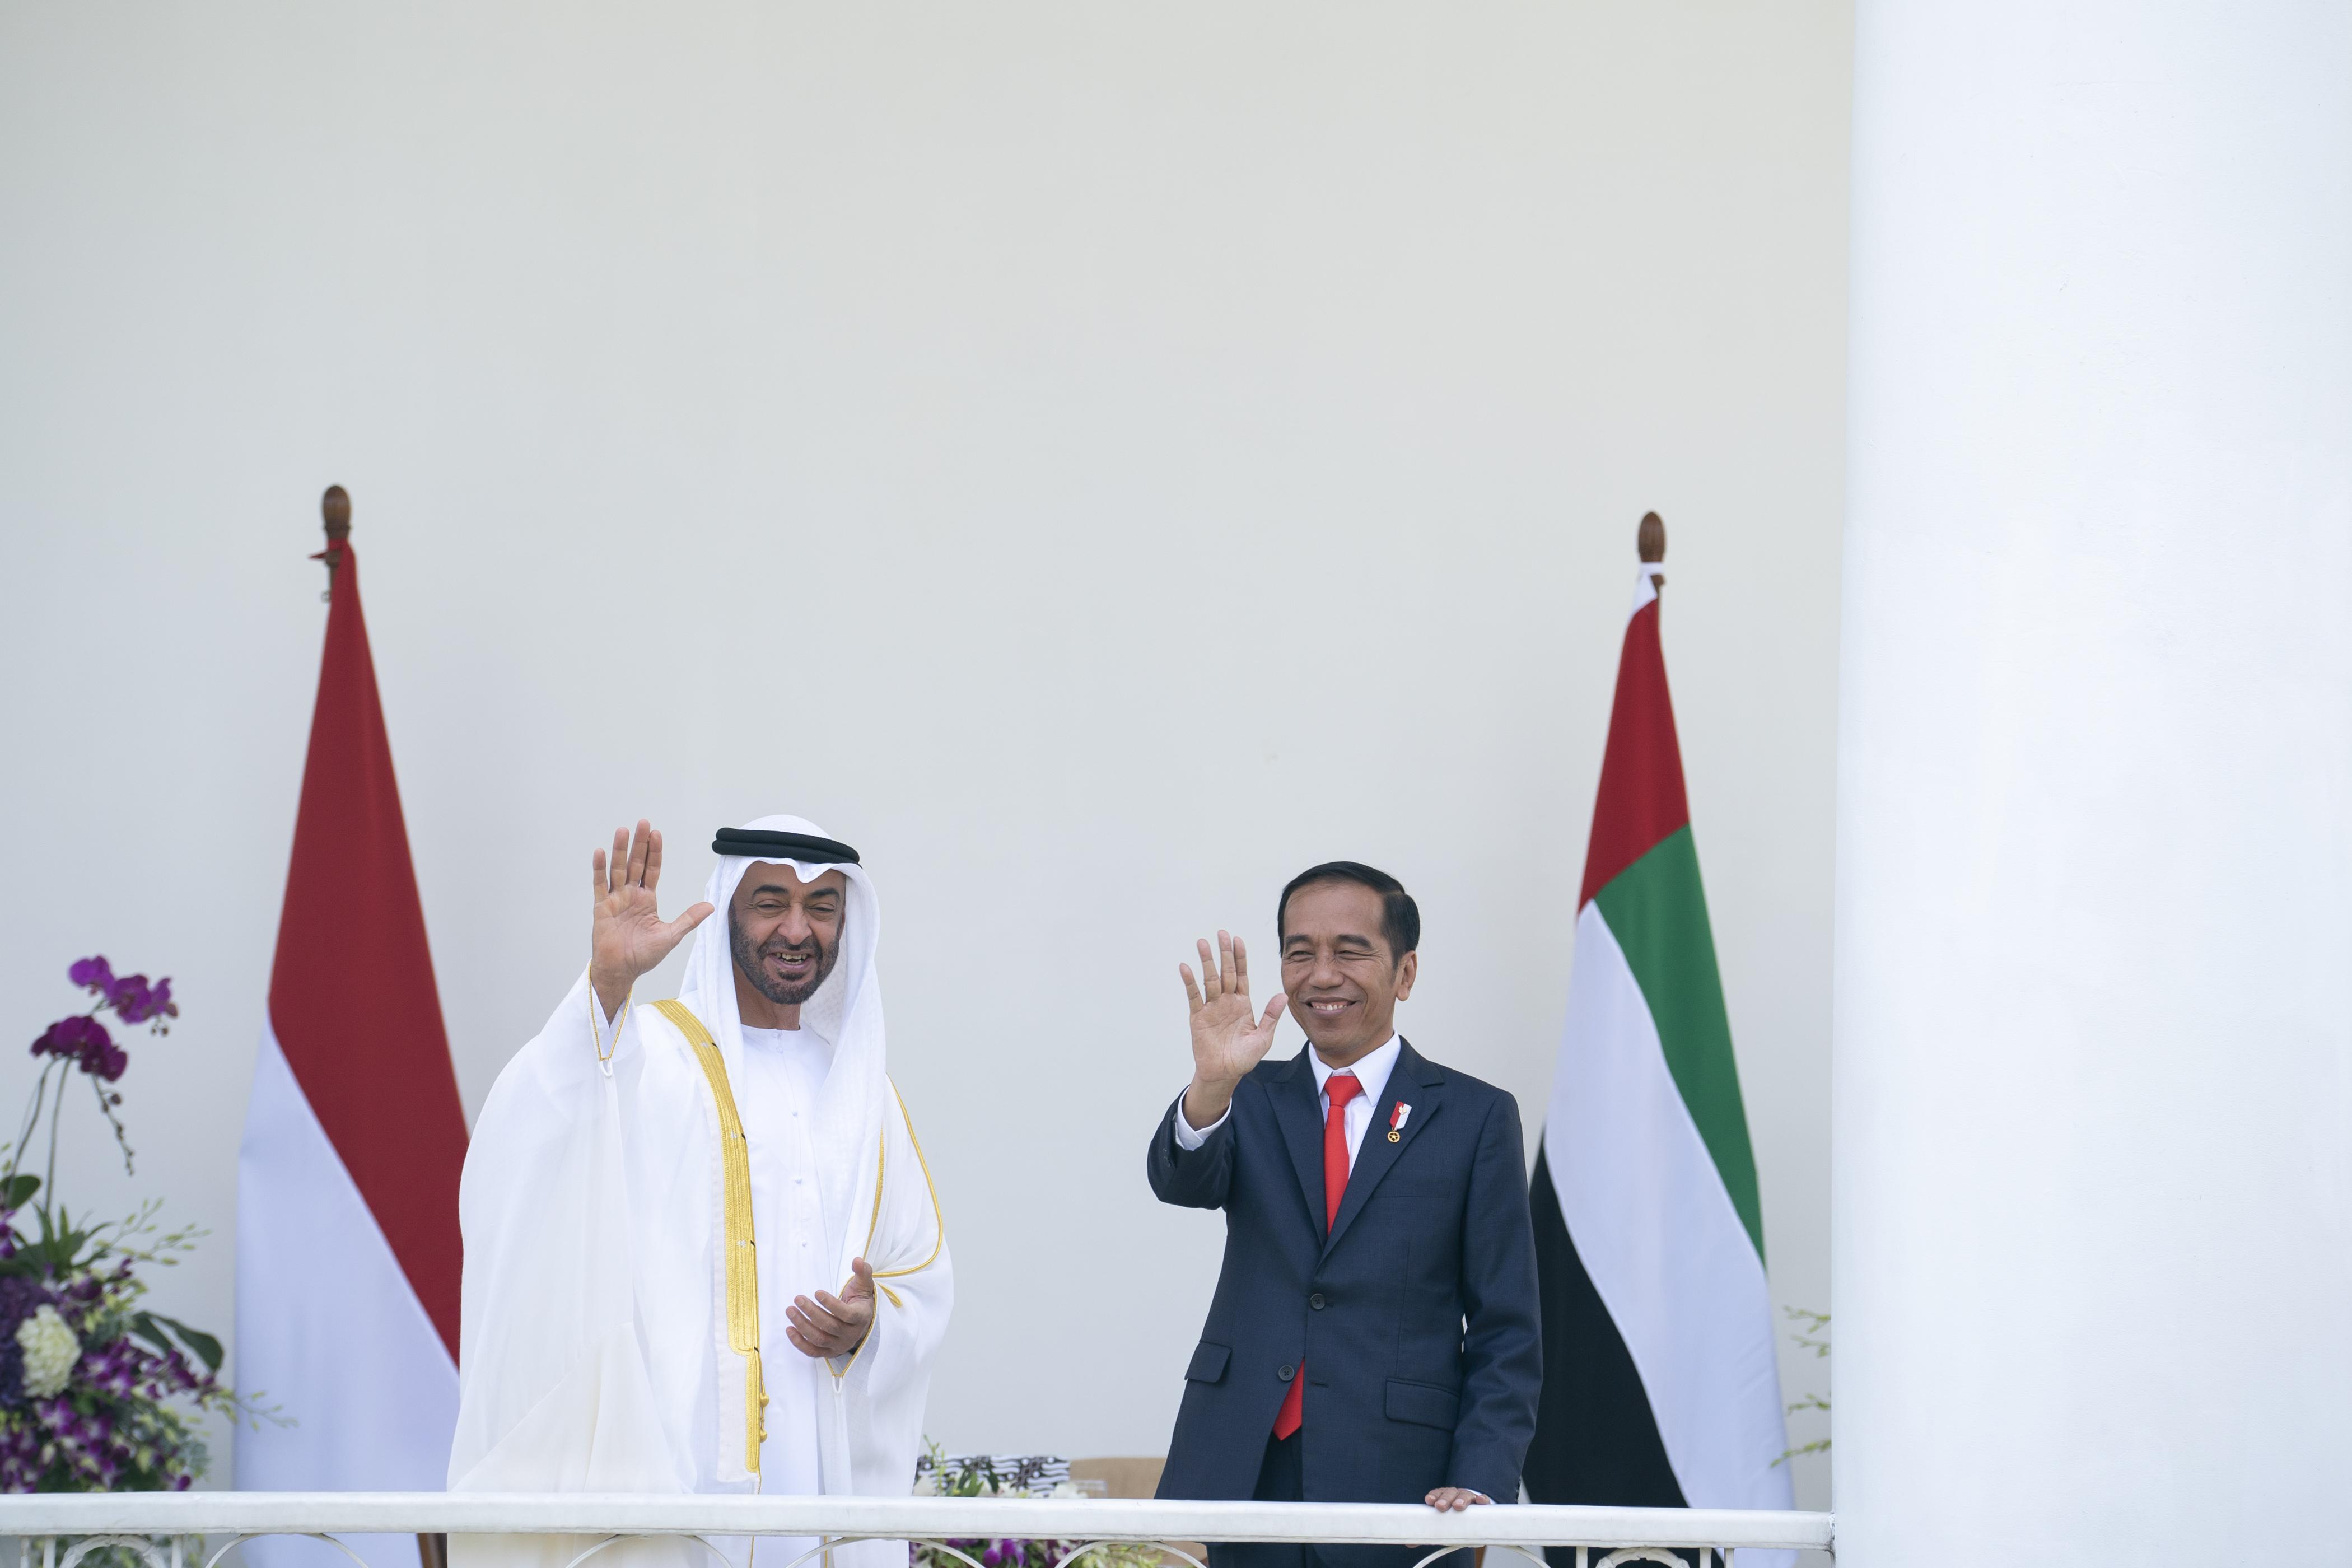 محمد بن زايد يصل جاكرتا ويعقد جلسة محادثات مع الرئيس الإندونيسي